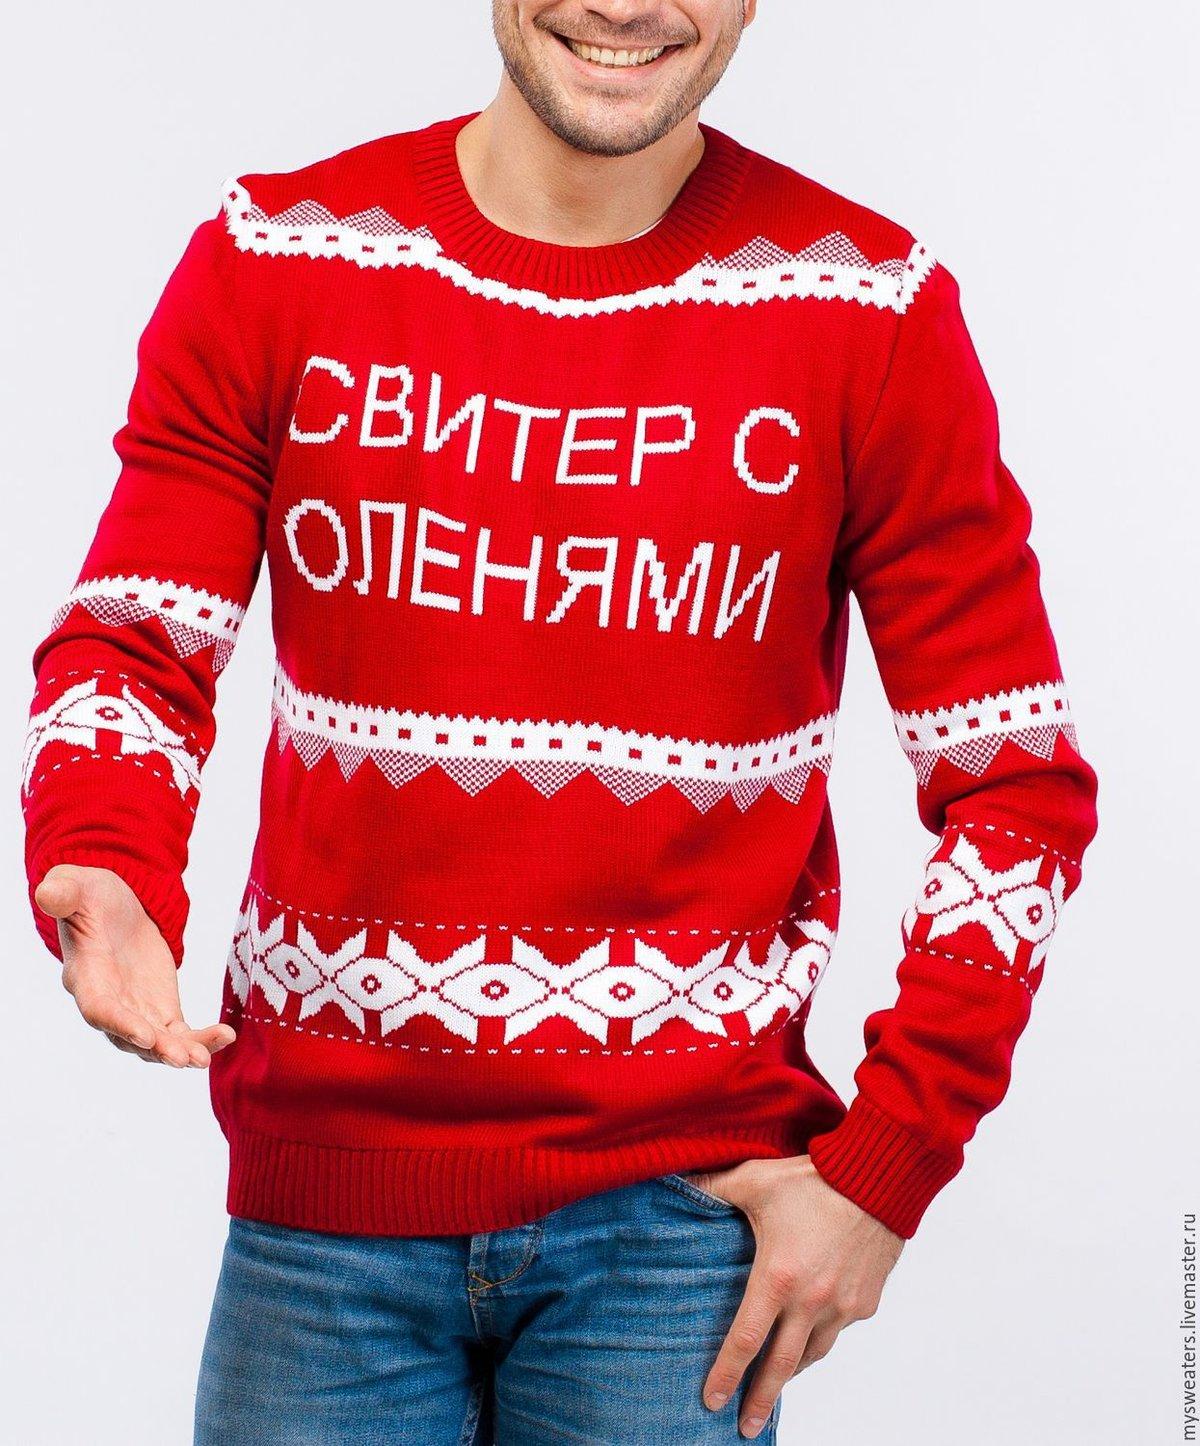 3d6c5c975ef Олени как на свитере Купить со скидкой -50% ✓ https   shortm.ru gCcs  Свитер  с оленями схемы и описание - Хитсовет Свитер с оленями схемы и описание.